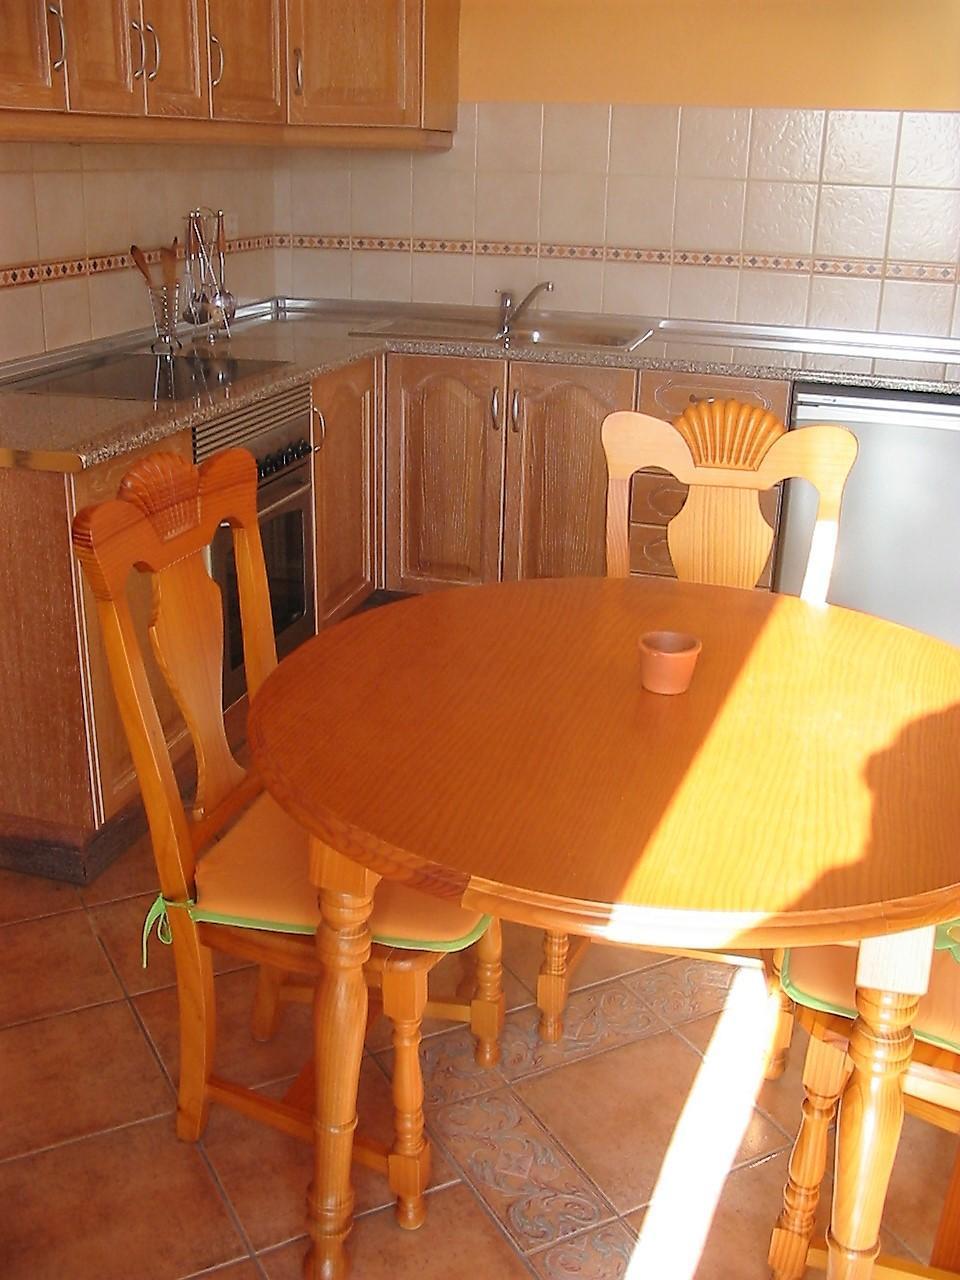 Ferienwohnung Penthouse / Apt. in der besten Gegend von Costa Calma, mit Blick auf eine große Terrasse a (487472), Costa Calma, Fuerteventura, Kanarische Inseln, Spanien, Bild 5